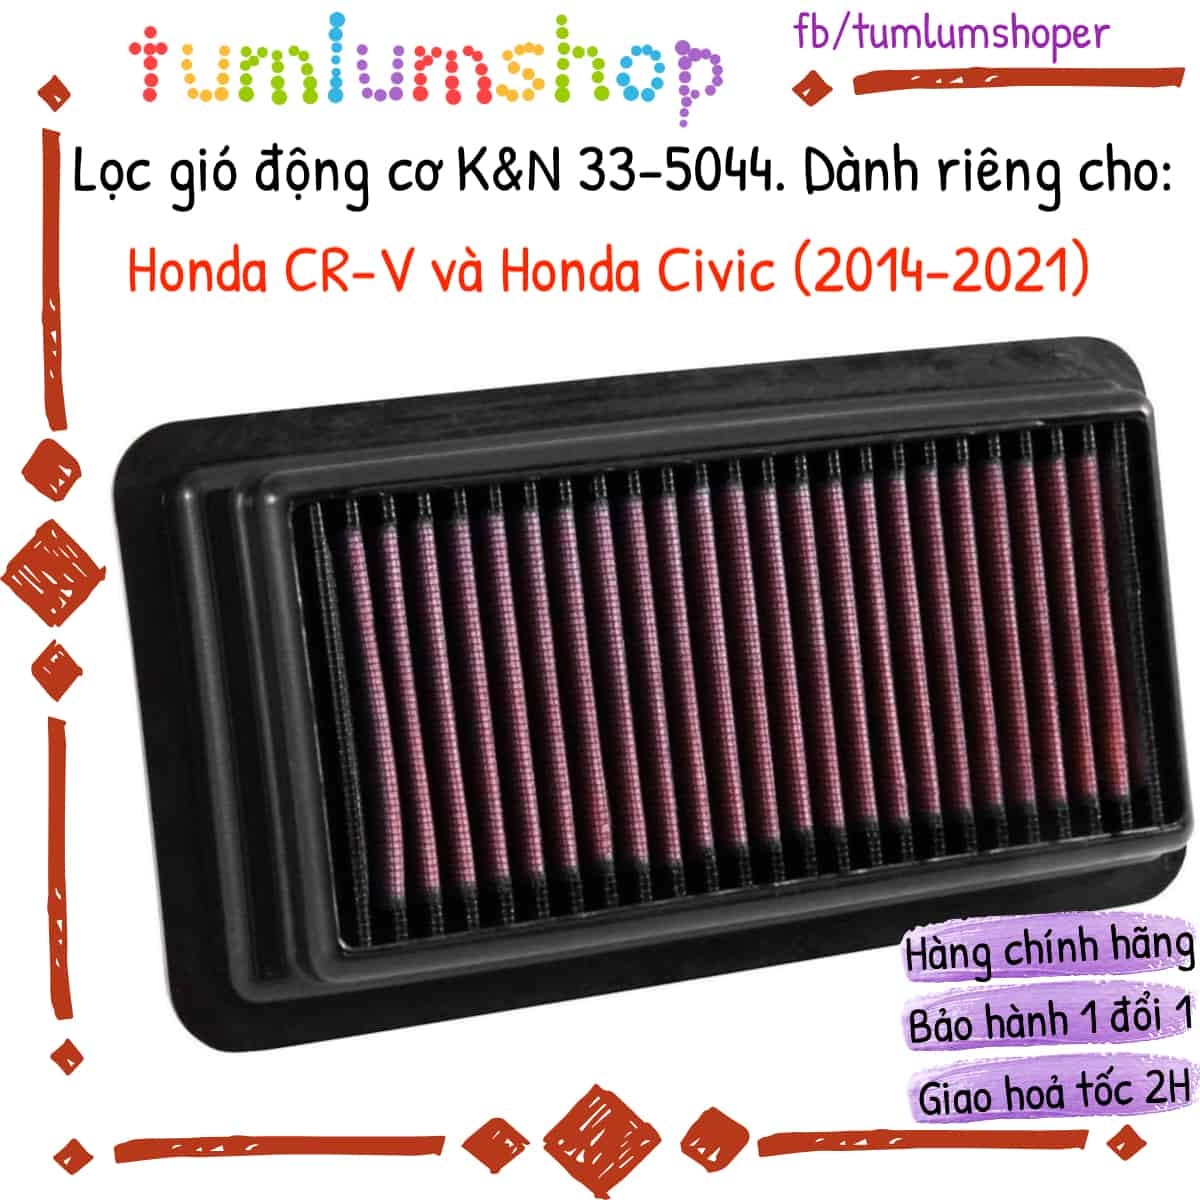 Lọc gió động cơ KN cho Honda CR-V và Honda Civic Mã KN 33-5044